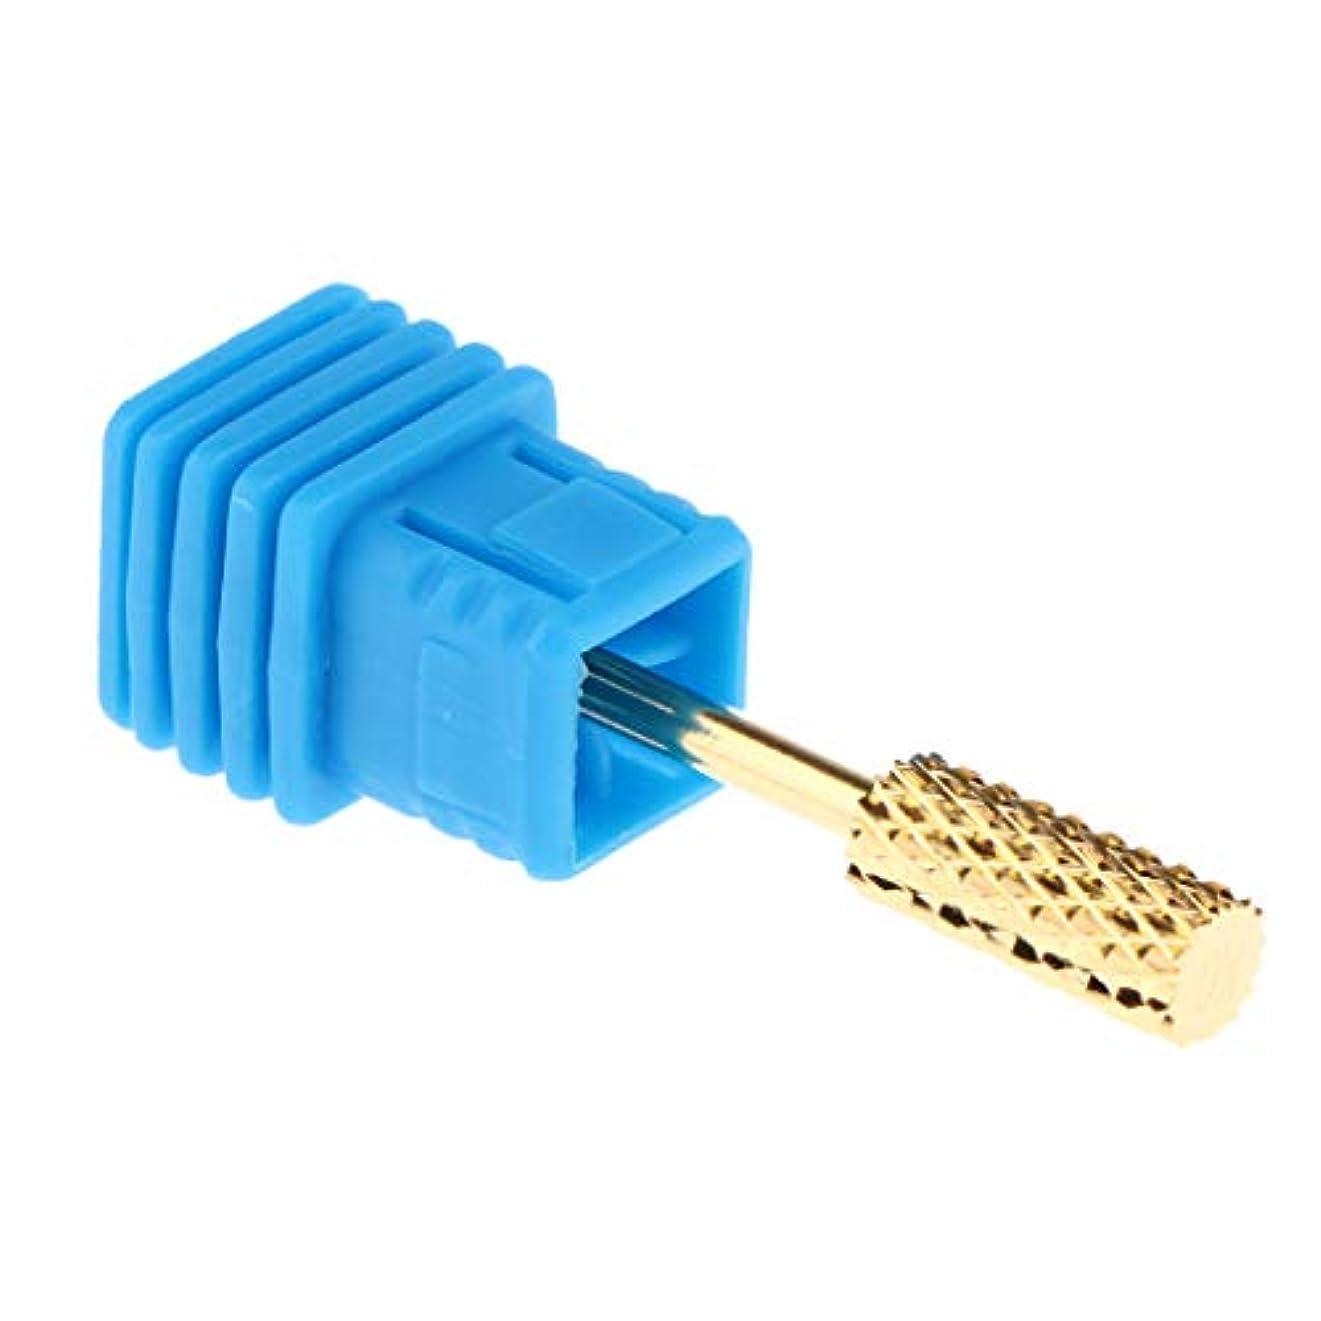 香ばしい談話ボーカル手入れの行き届いたネイルネイルのためのヘッドを挽く電気ネイルドリルビット - XC